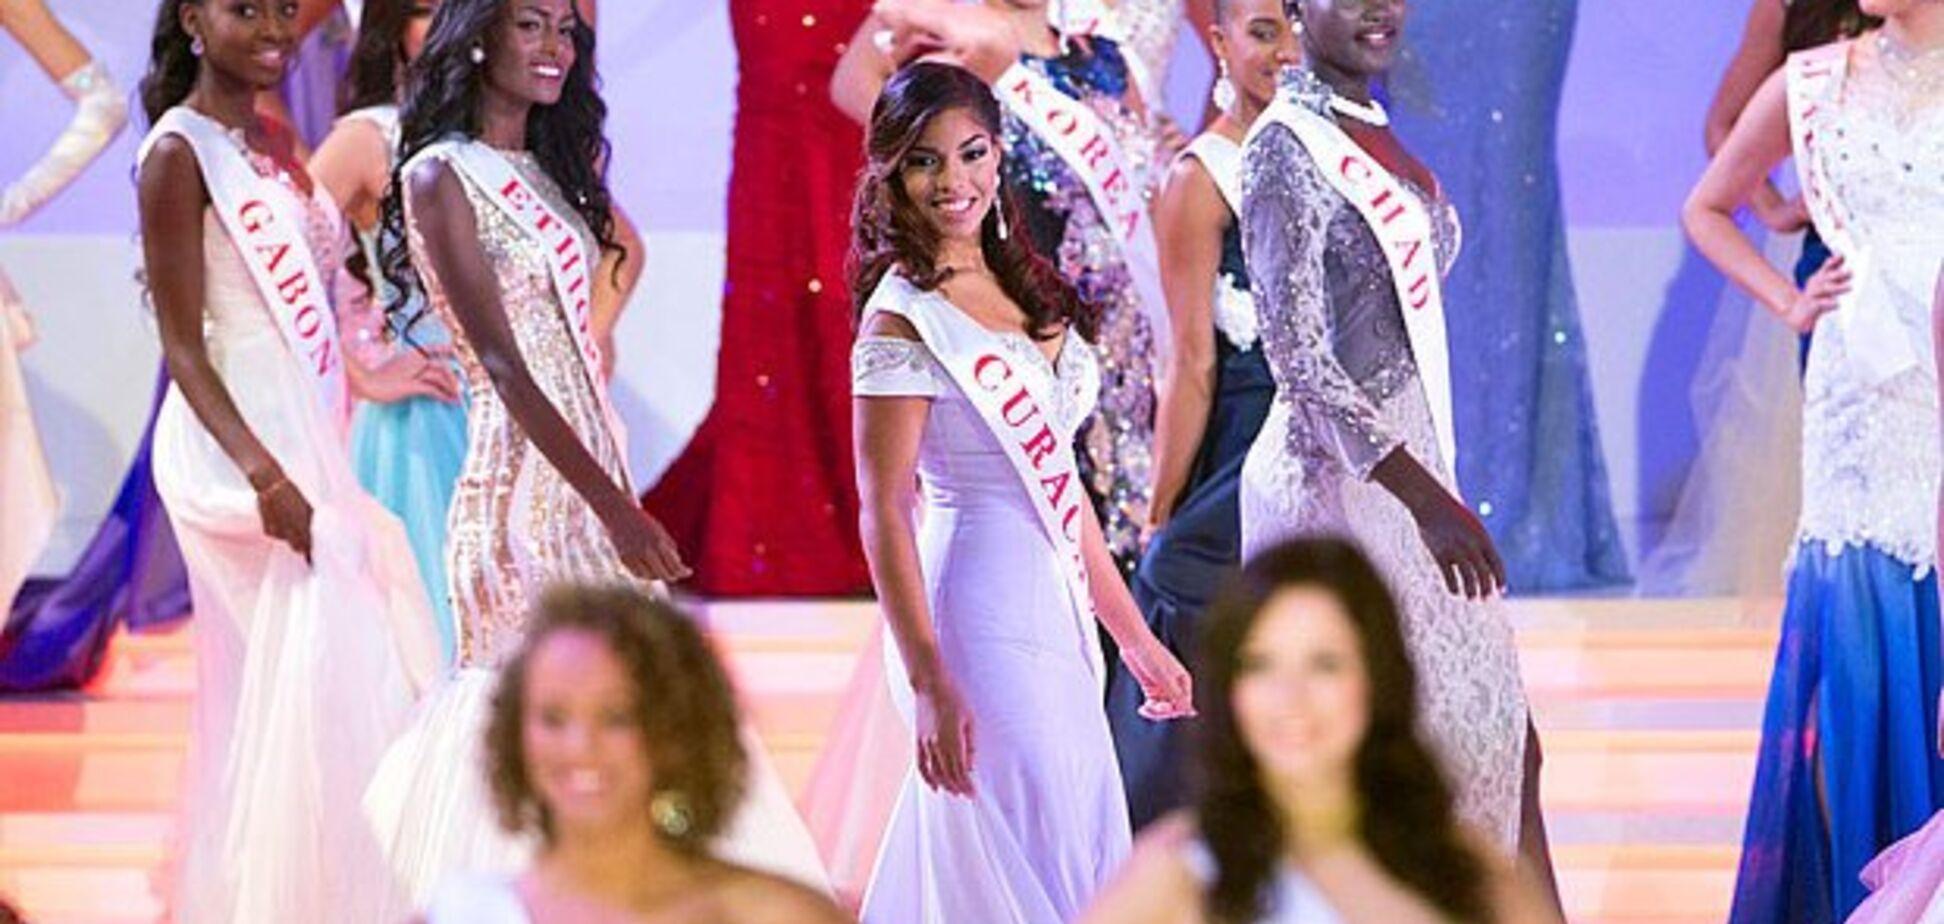 Міс Світу-2019: названа переможниця. Фото і відео